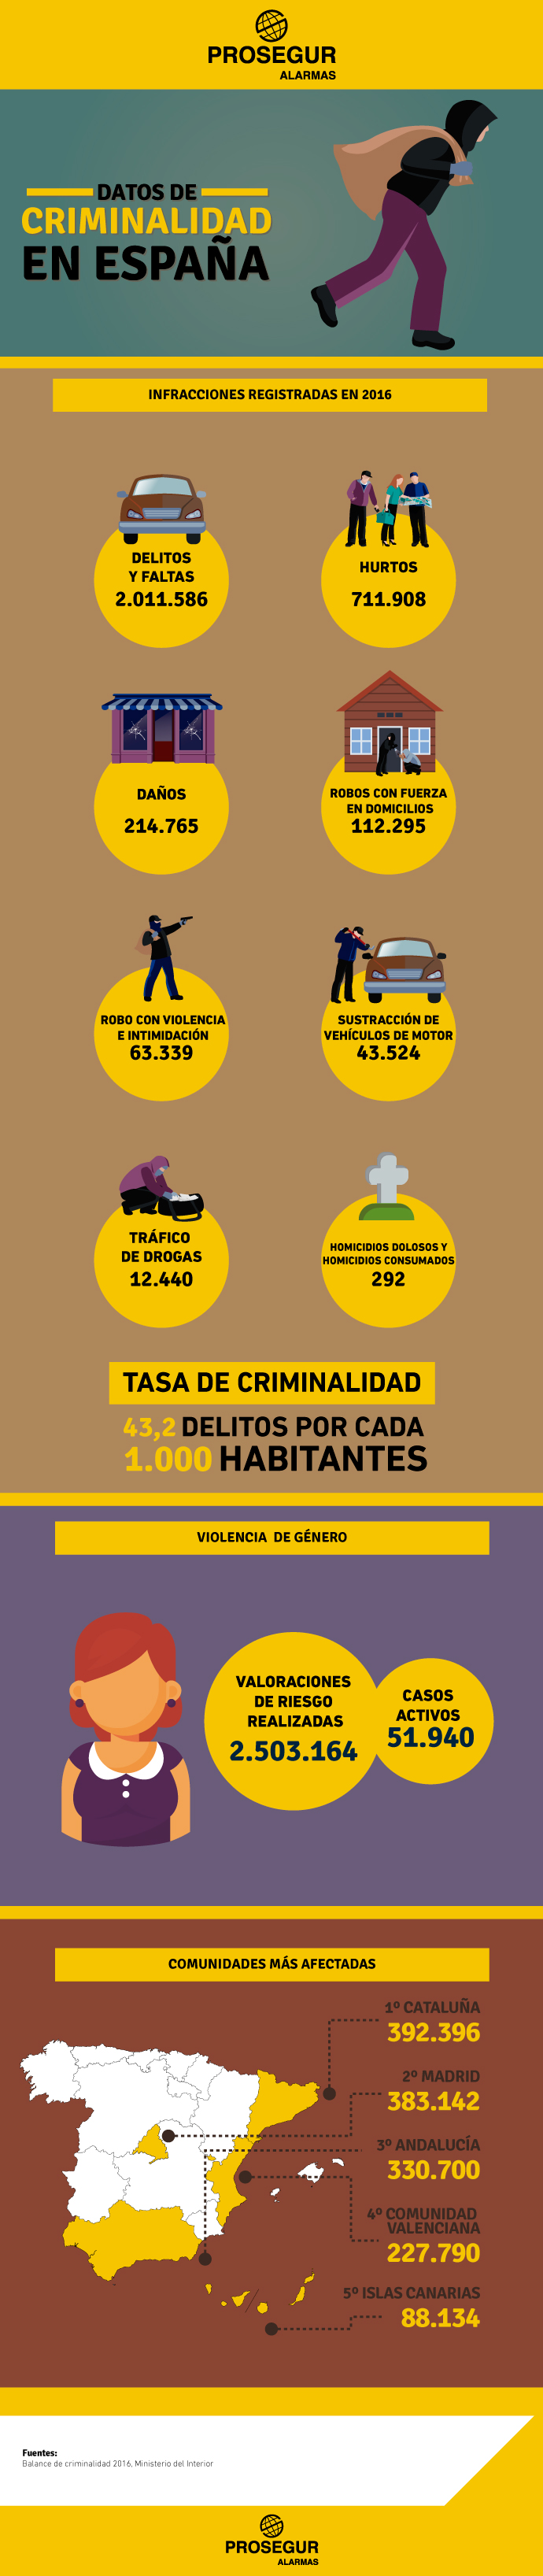 Datos de criminalidad en Epsaña.